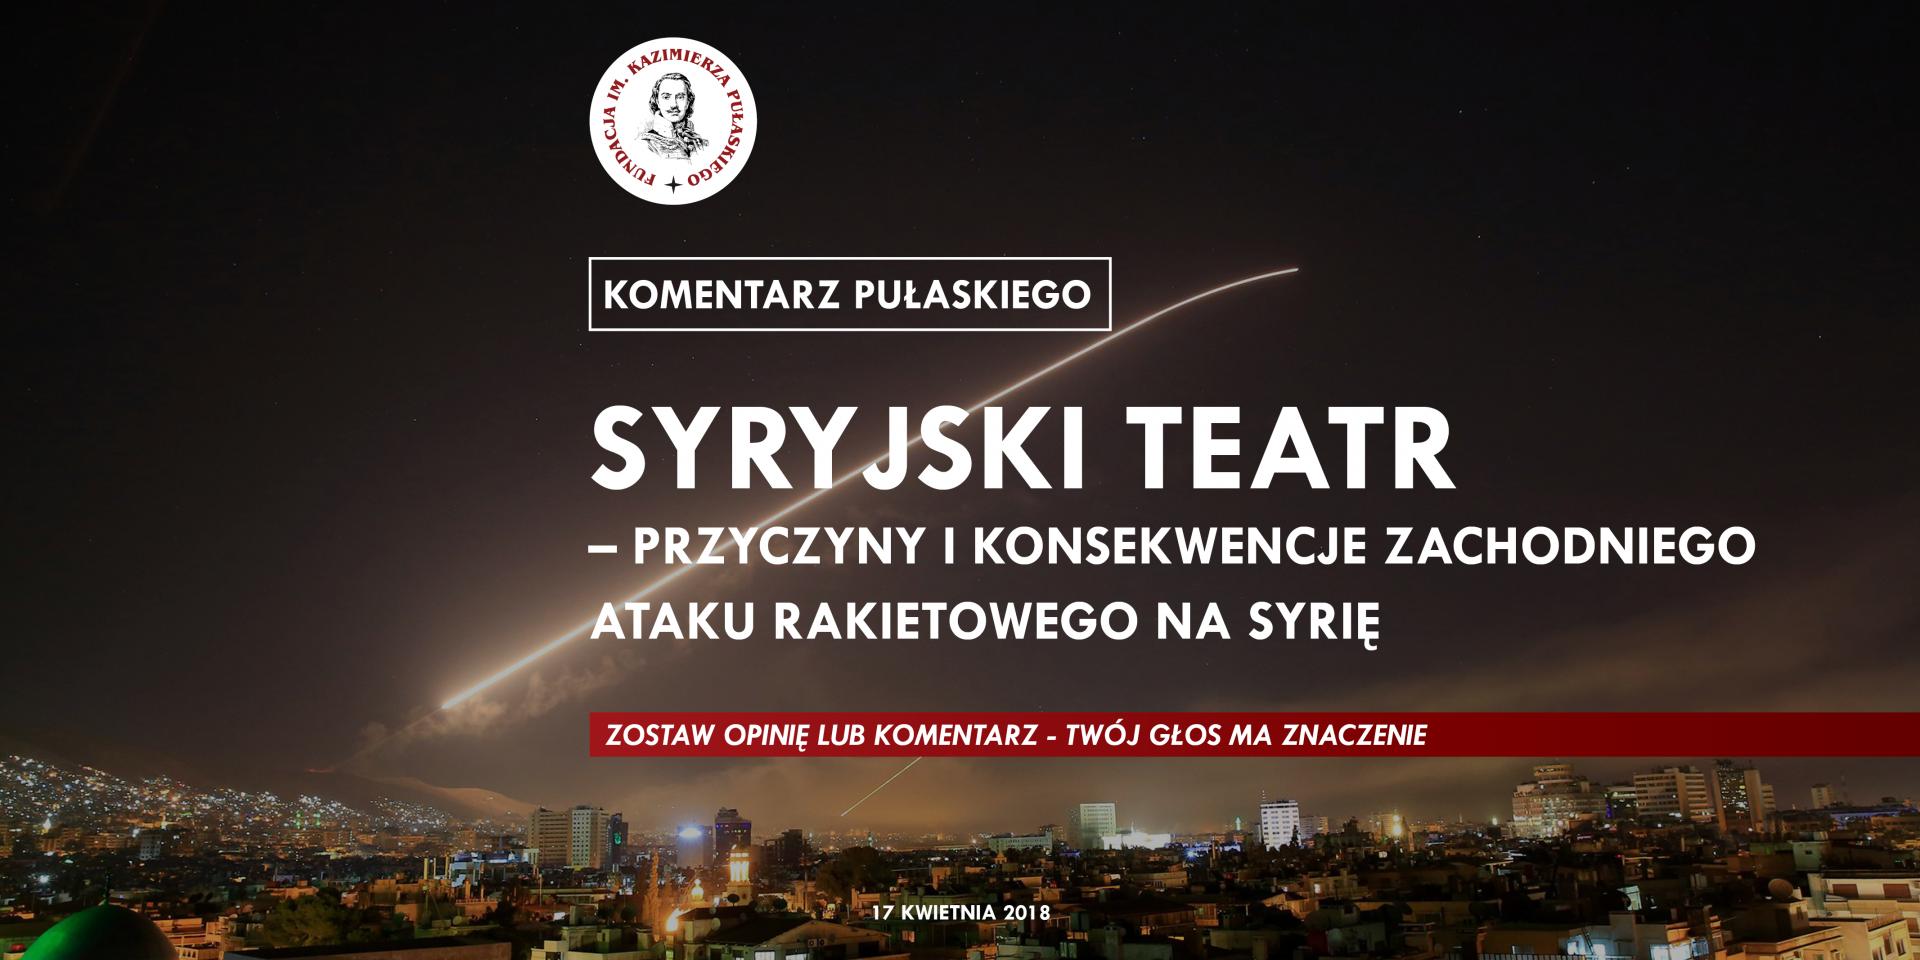 KOMENTARZ PUŁASKIEGO – W. Repetowicz: Syryjski teatr – przyczyny ikonsekwencje zachodniego ataku rakietowego naSyrię